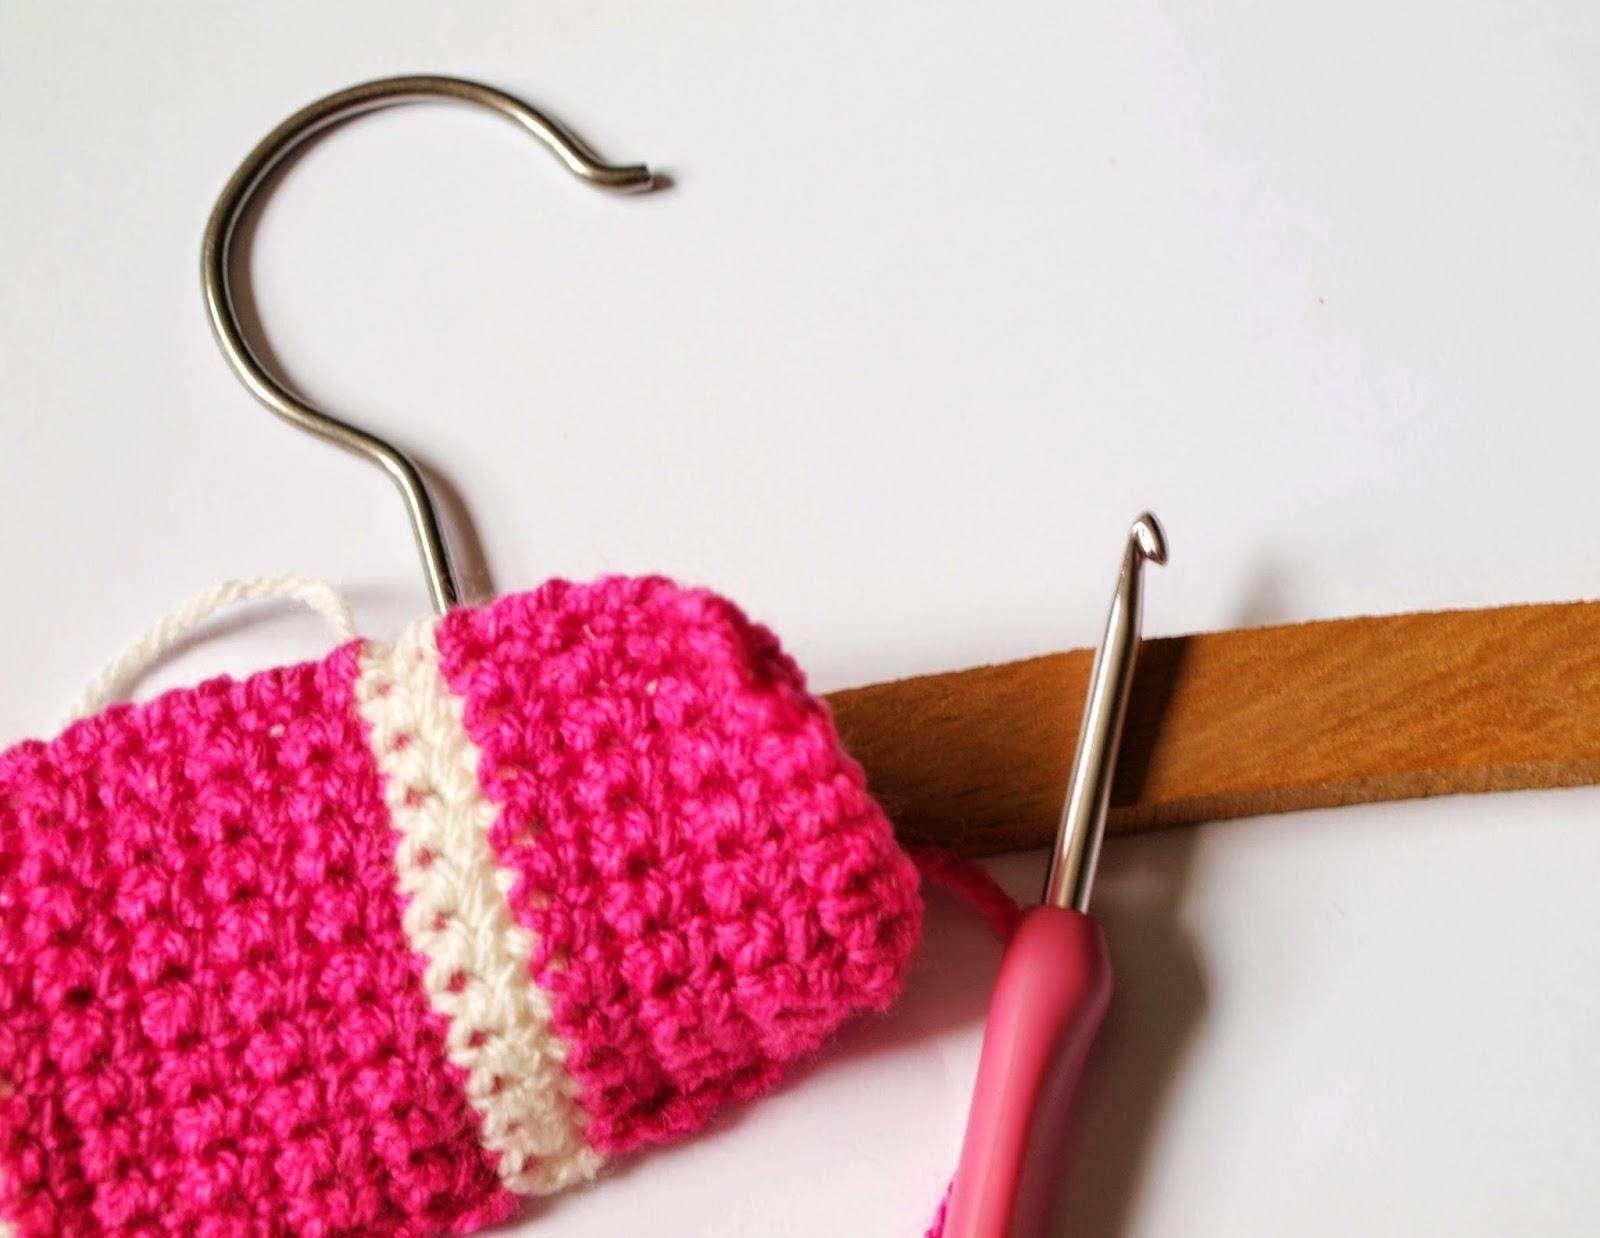 Scented Sweetpeas Crochet Clothes Coat Hanger Tutorial